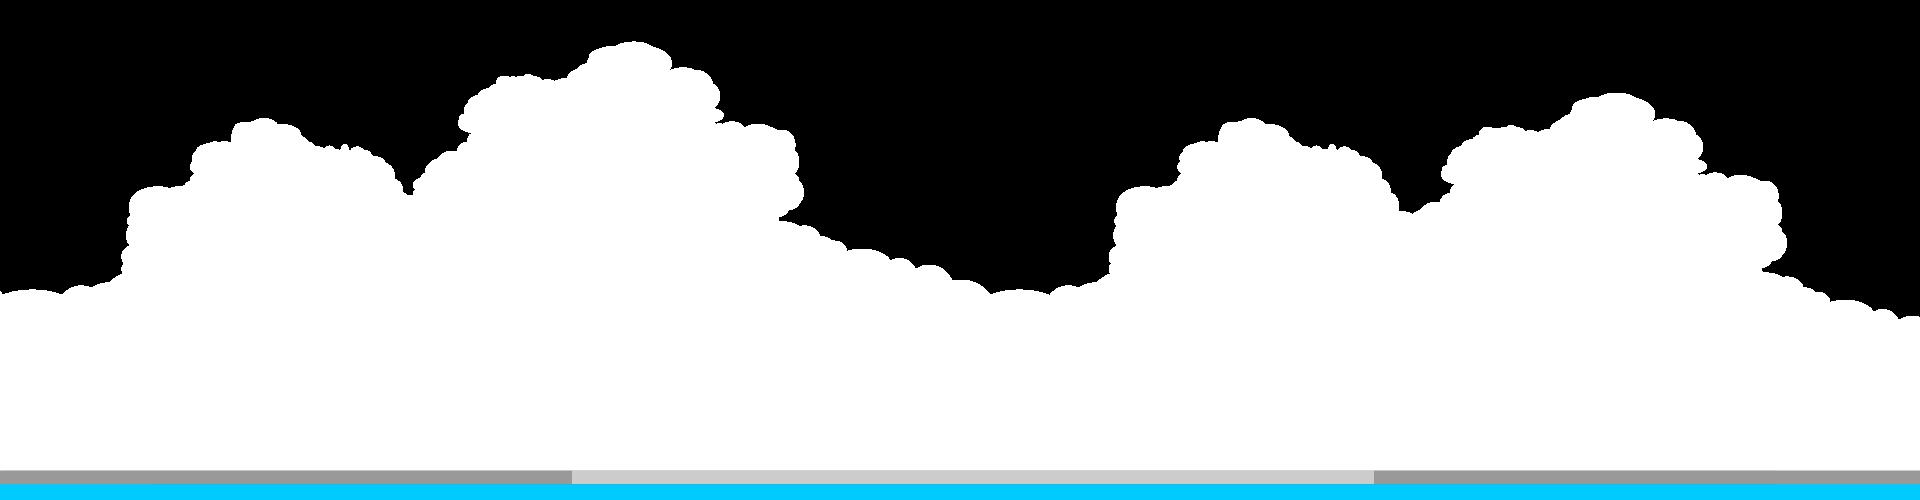 banner-brg-3